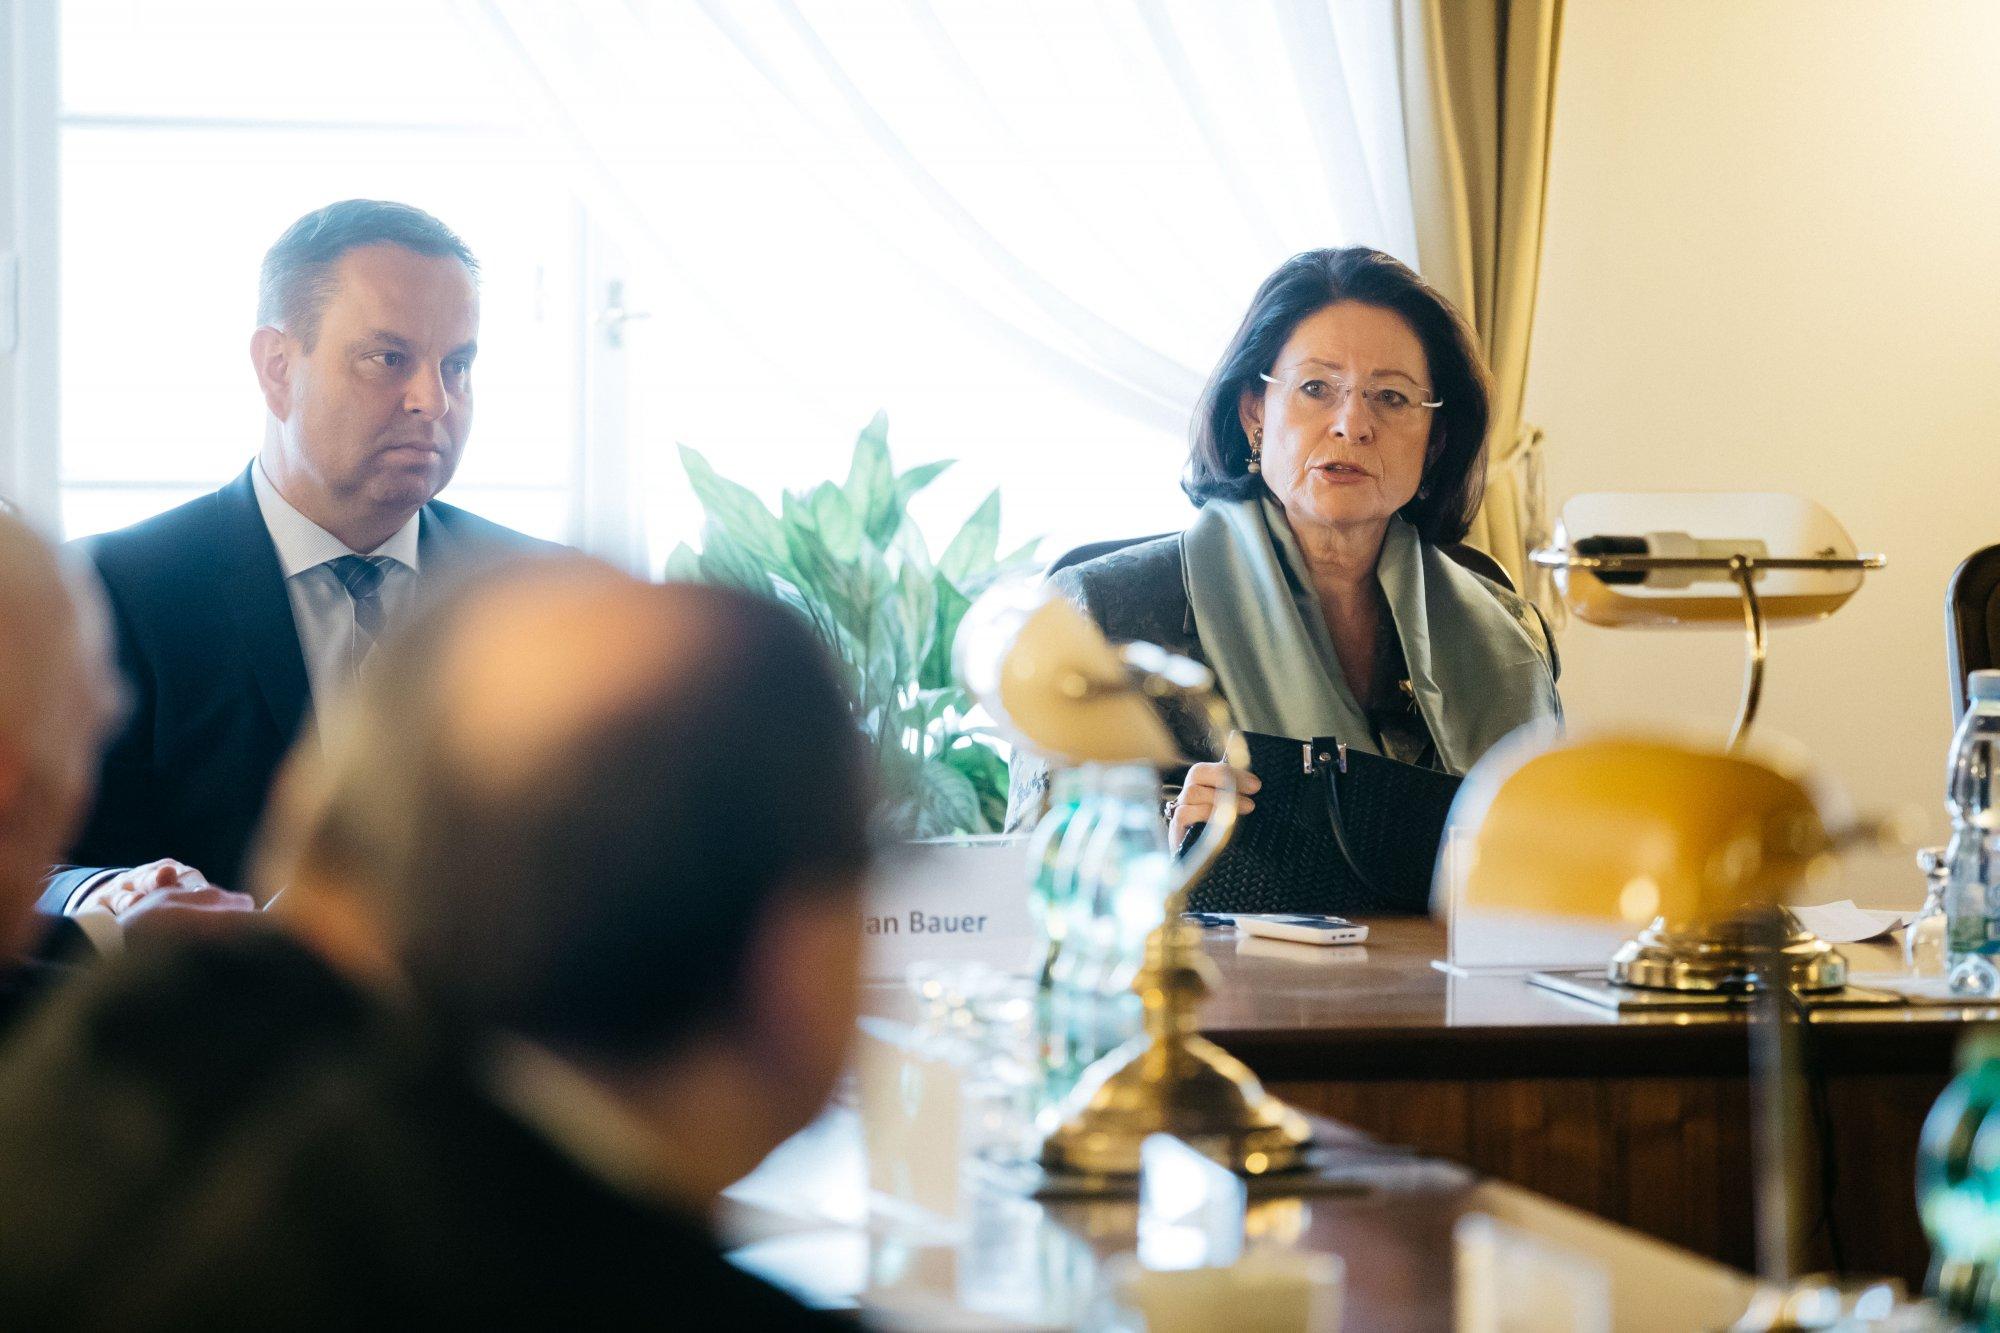 Za komunismu podporovala potlačování lidských práv, v demokracii chce být jejich ochránkyní: JUDr. Helena Ur-Válková